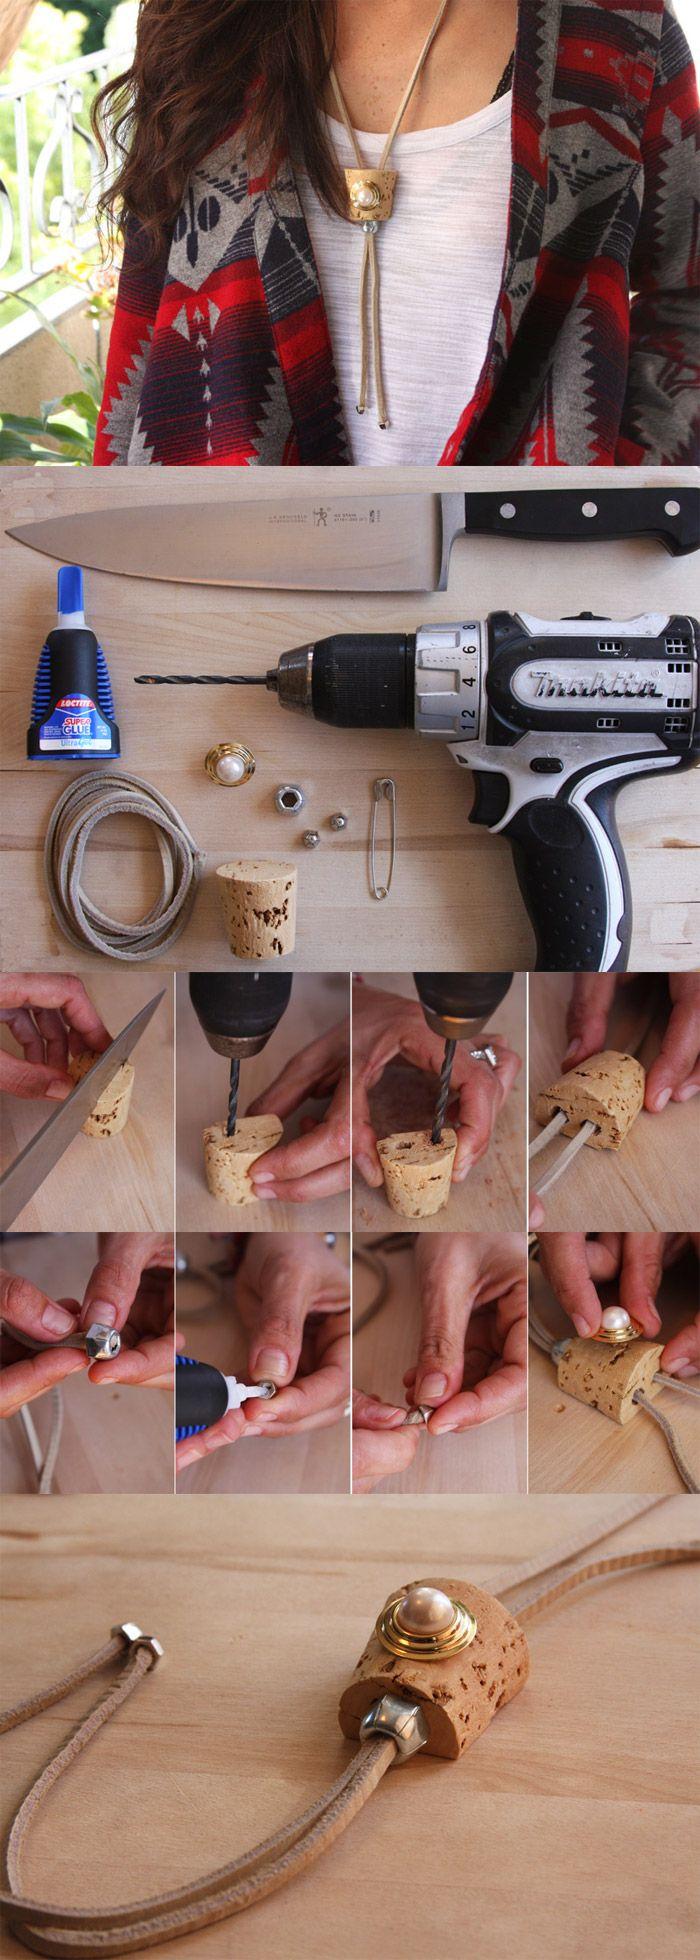 5 DIY Necklace Ideas